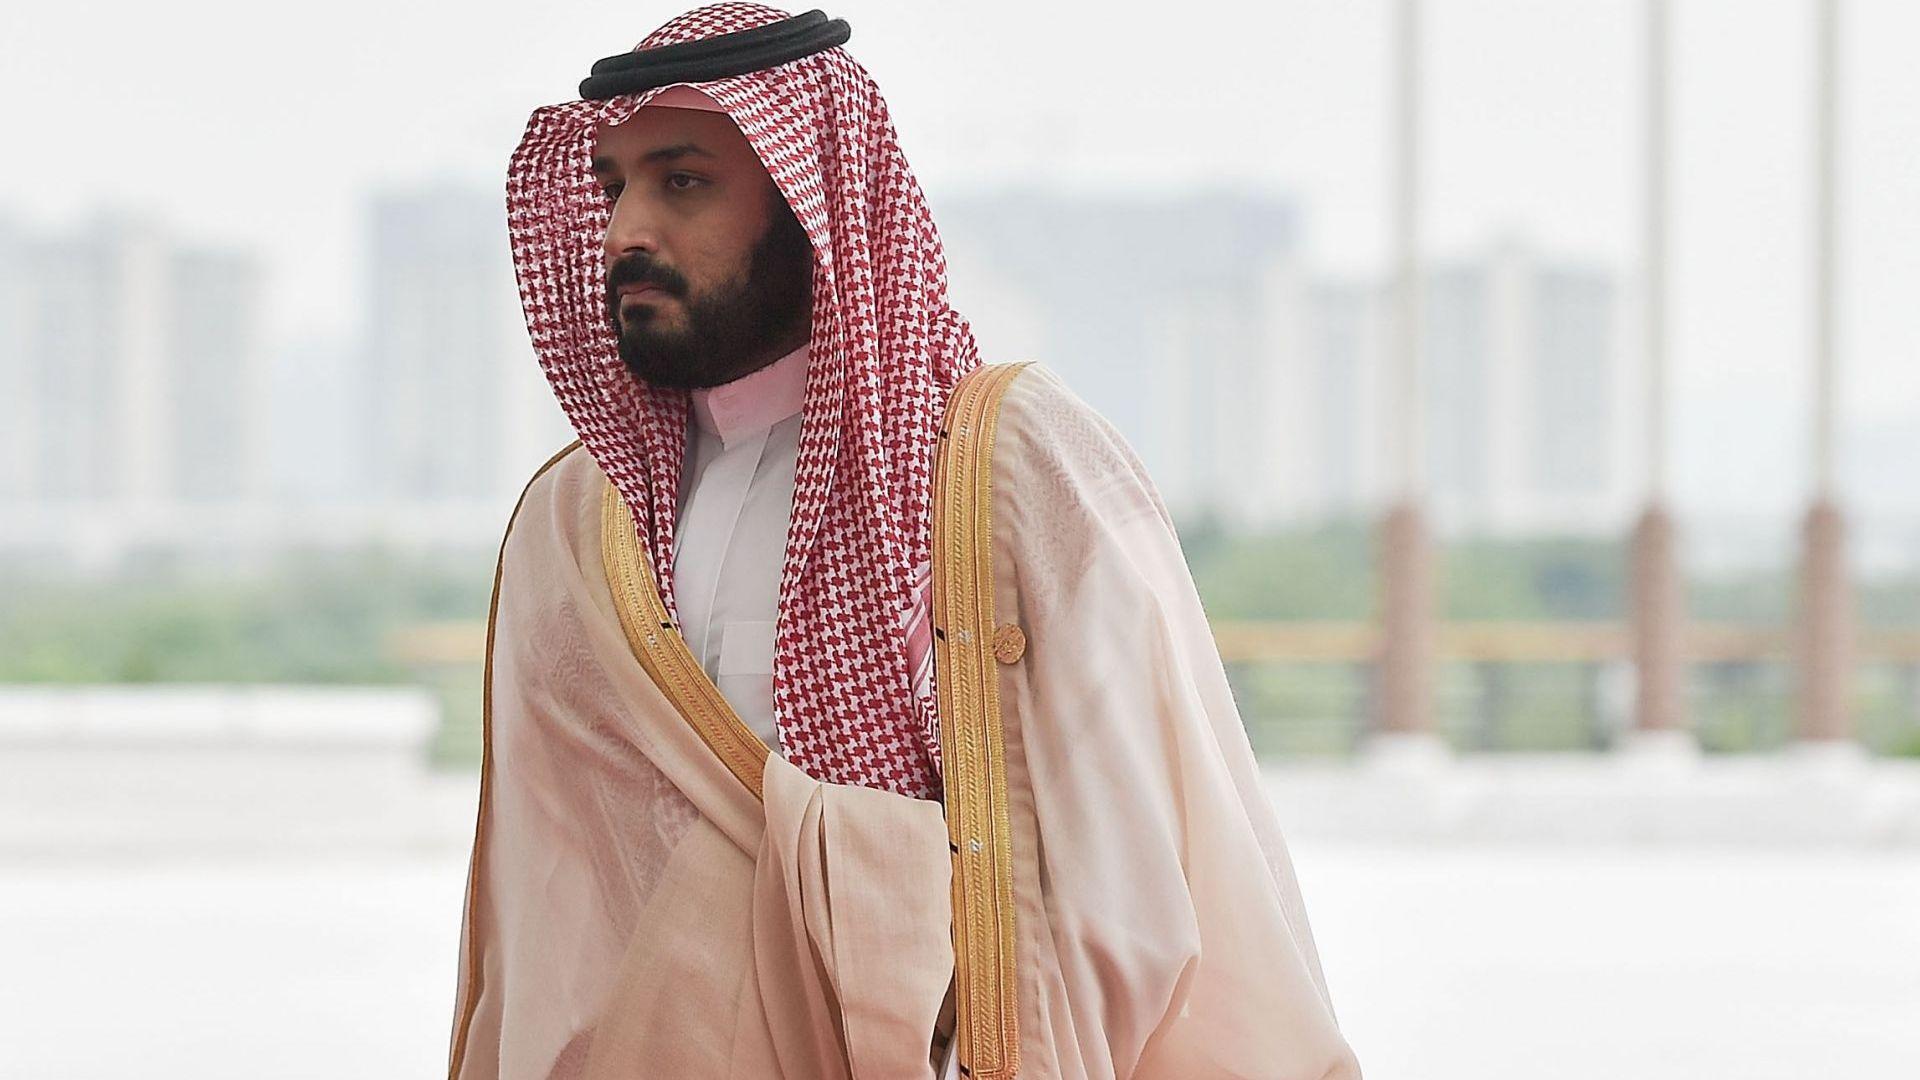 Представители на американското разузнаване са заключили, че саудитският престолонаследник принц